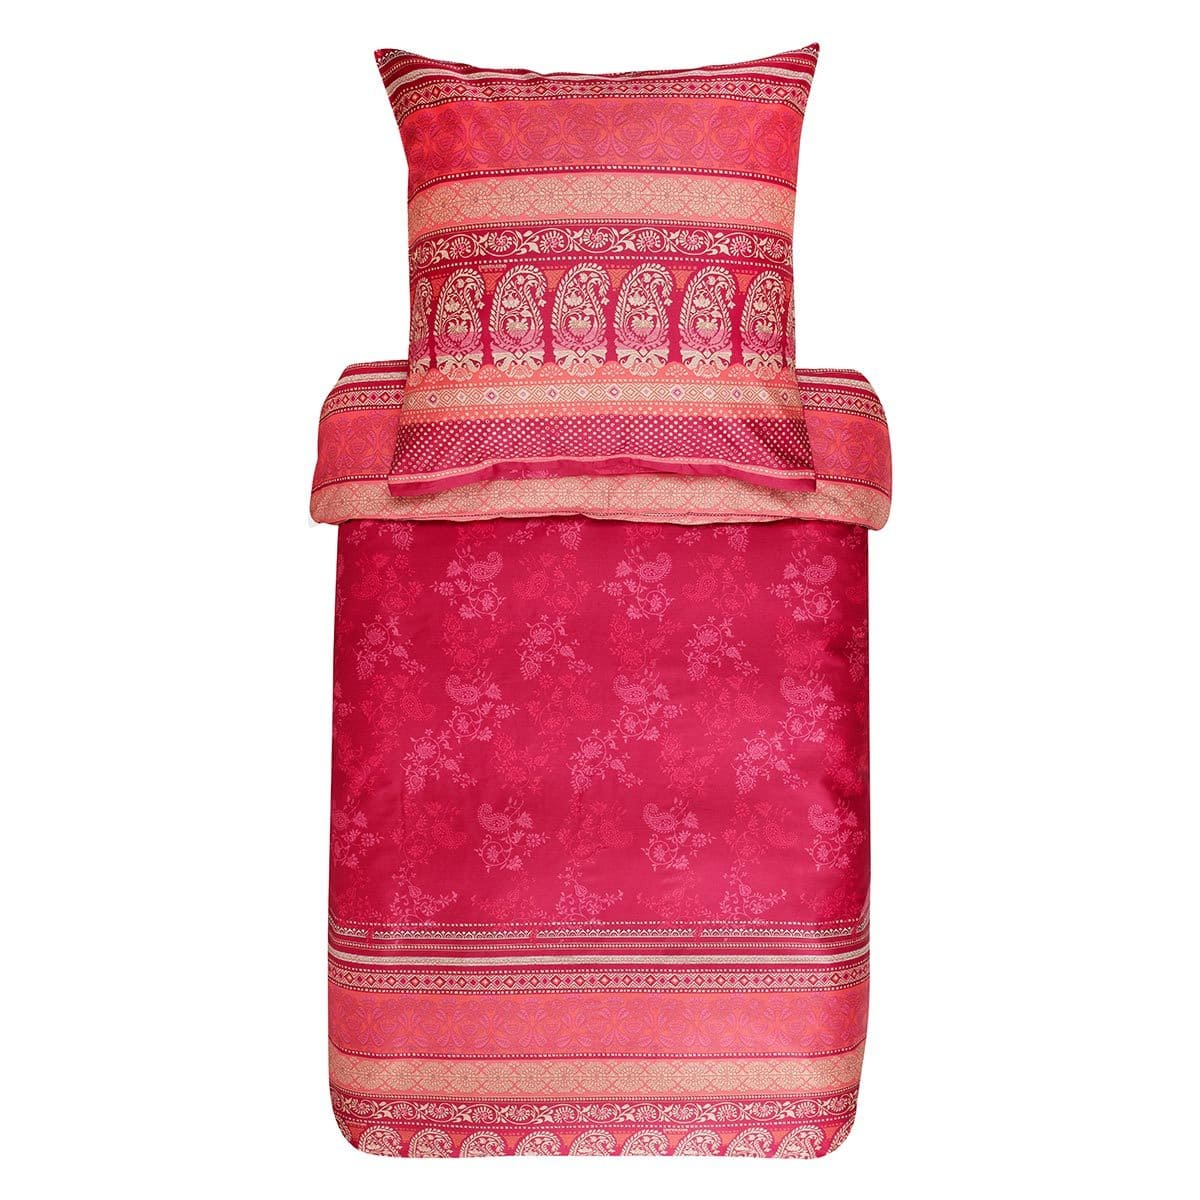 bassetti mako satin bettw sche monte rosa v1 g nstig online kaufen bei bettwaren shop. Black Bedroom Furniture Sets. Home Design Ideas